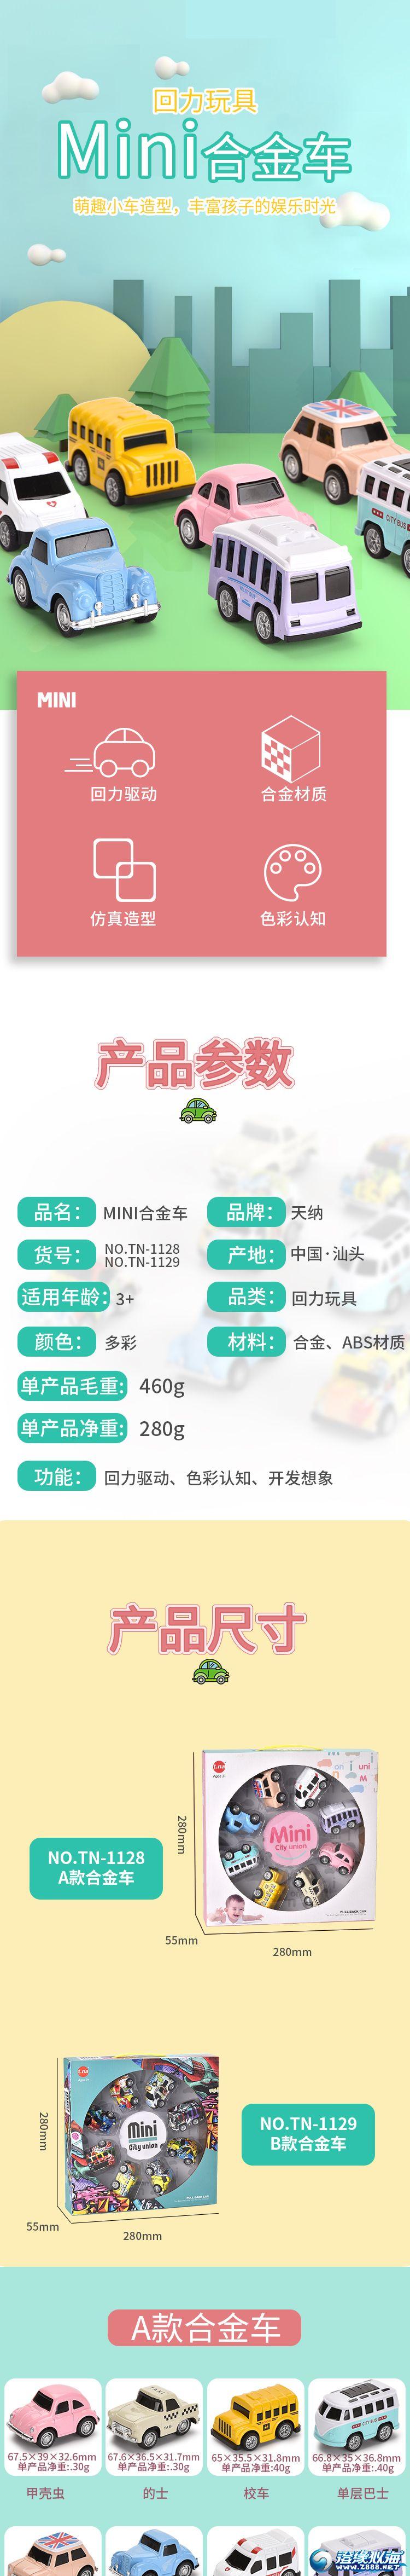 天纳玩具厂-(1128、1129)-mini合金车-中文版详情_01.jpg